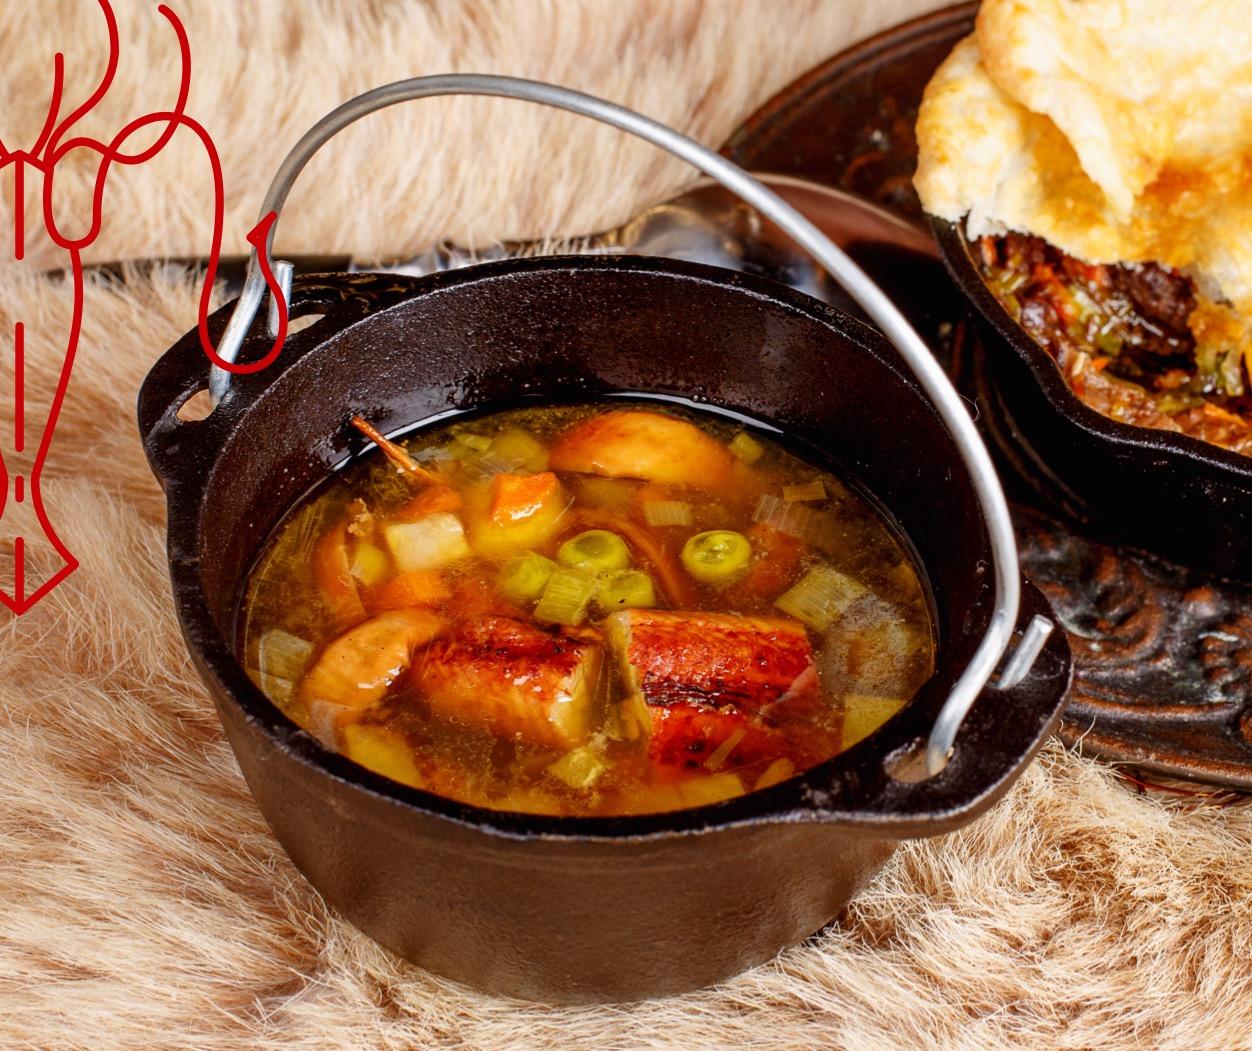 хорош рецепты суп с мясом в картинках совершеннее становятся